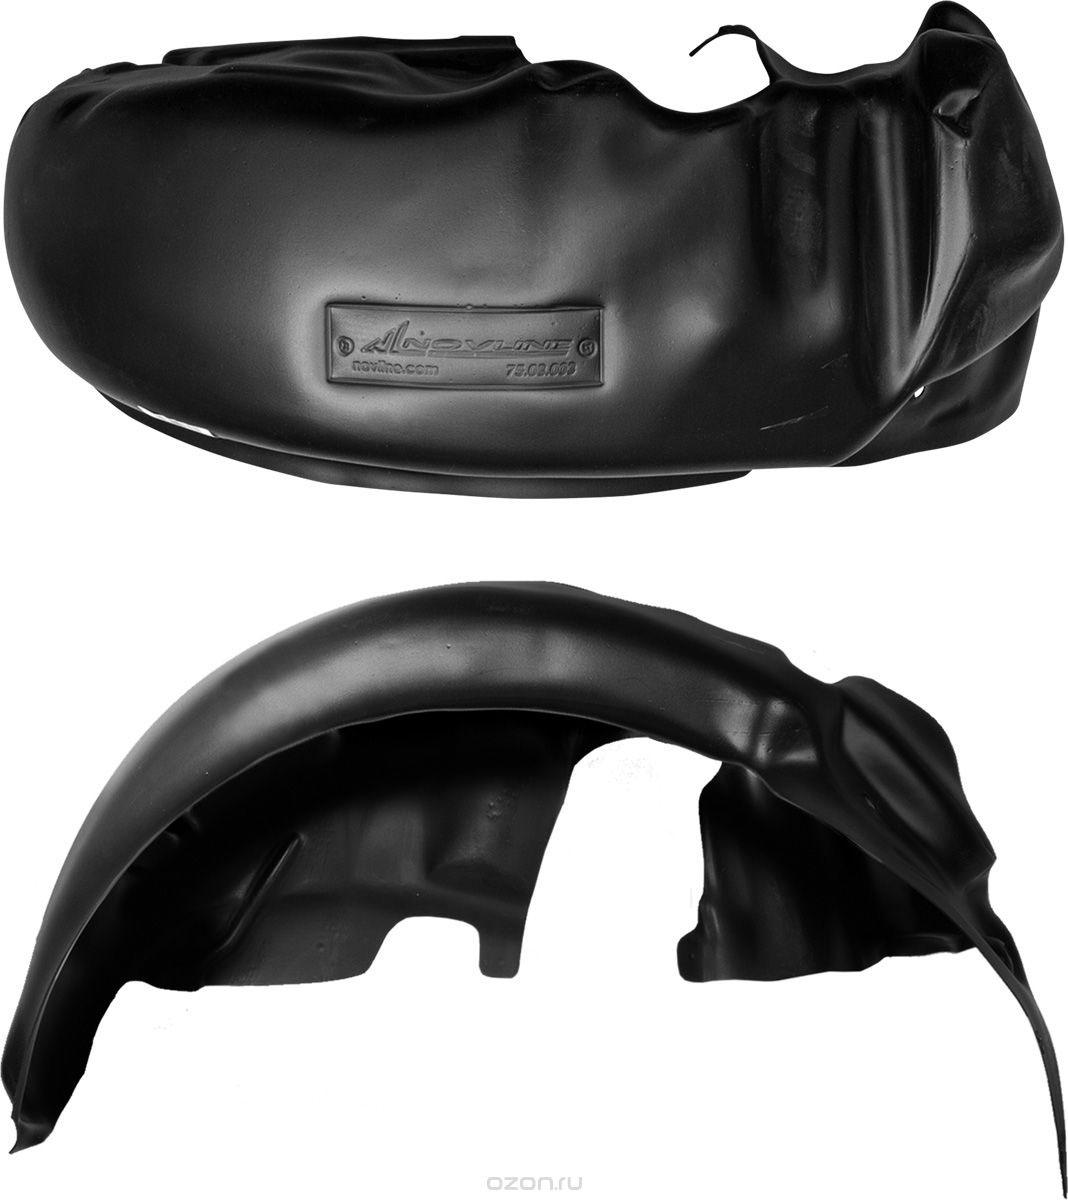 Подкрылок Novline-Autofamily, для HAIMA M3, 09/2014->, сед., задний левыйNLL.83.03.003Идеальная защита колесной ниши. Локеры разработаны с применением цифровых технологий, гарантируют максимальную повторяемость поверхности арки. Изделия устанавливаются без нарушения лакокрасочного покрытия автомобиля, каждый подкрылок комплектуется крепежом. Уважаемые клиенты, обращаем ваше внимание, что фотографии на подкрылки универсальные и не отражают реальную форму изделия. При этом само изделие идет точно под размер указанного автомобиля.